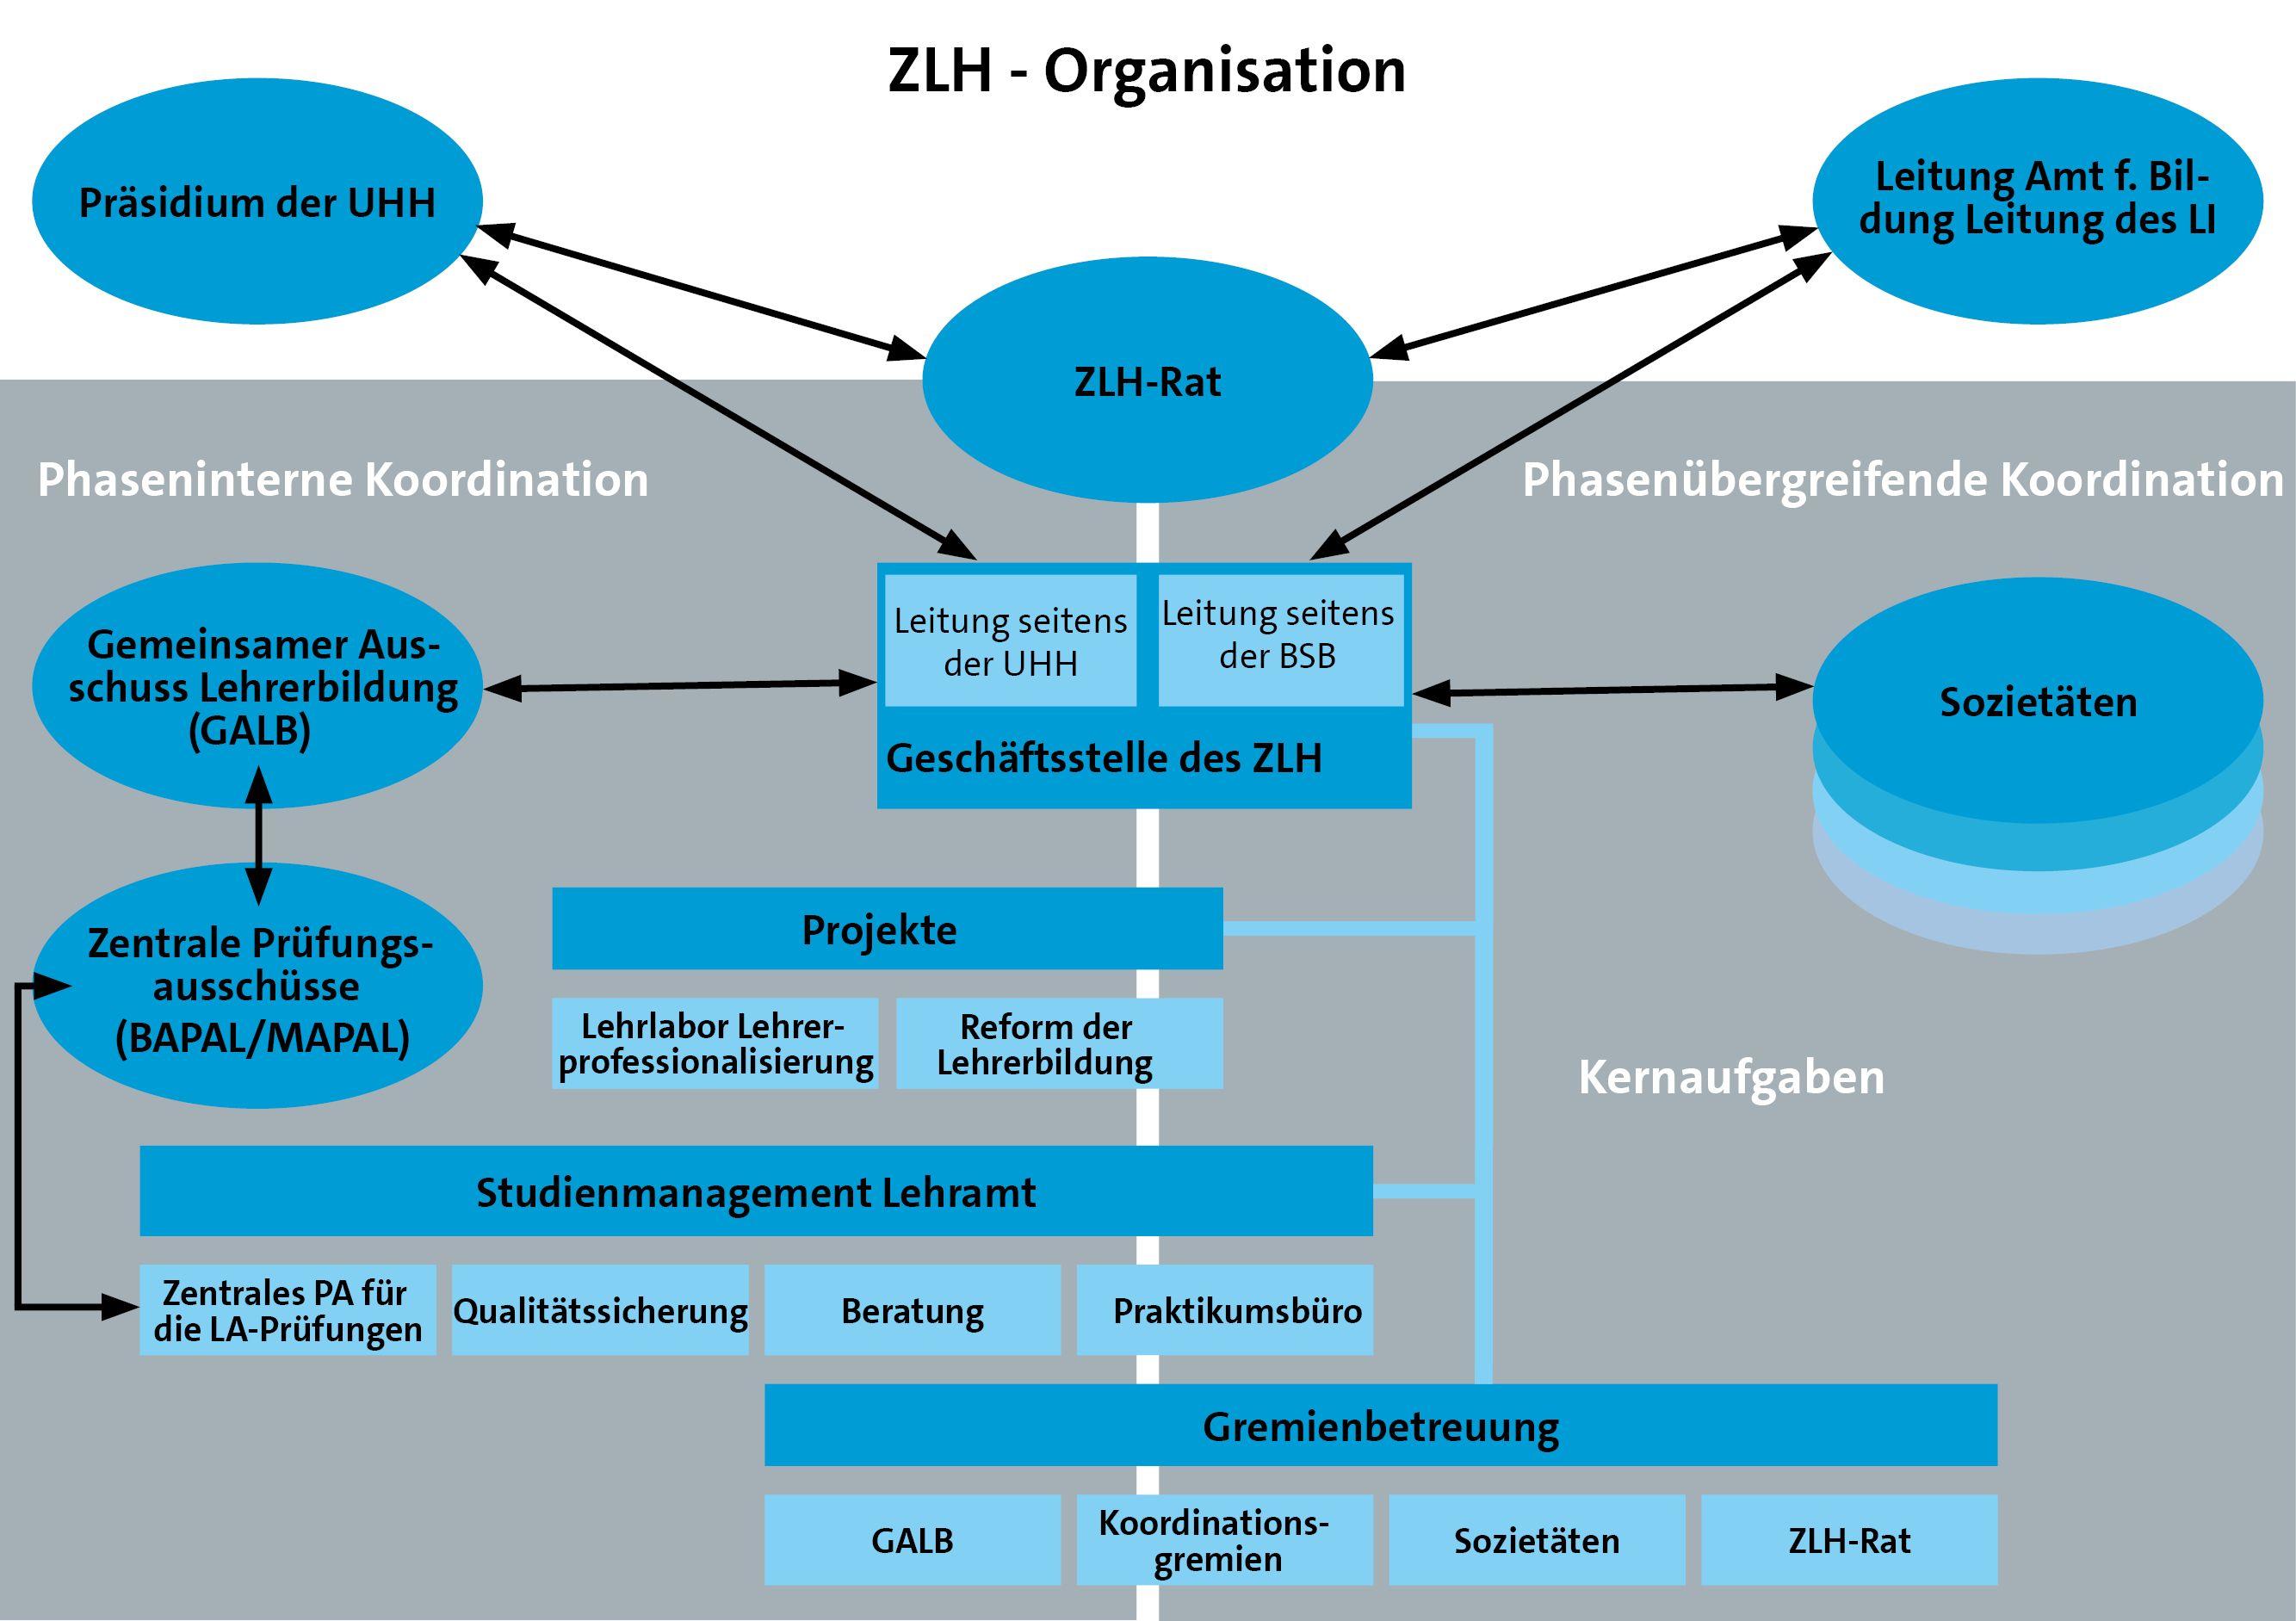 Darstellung der Organisation des ZLH